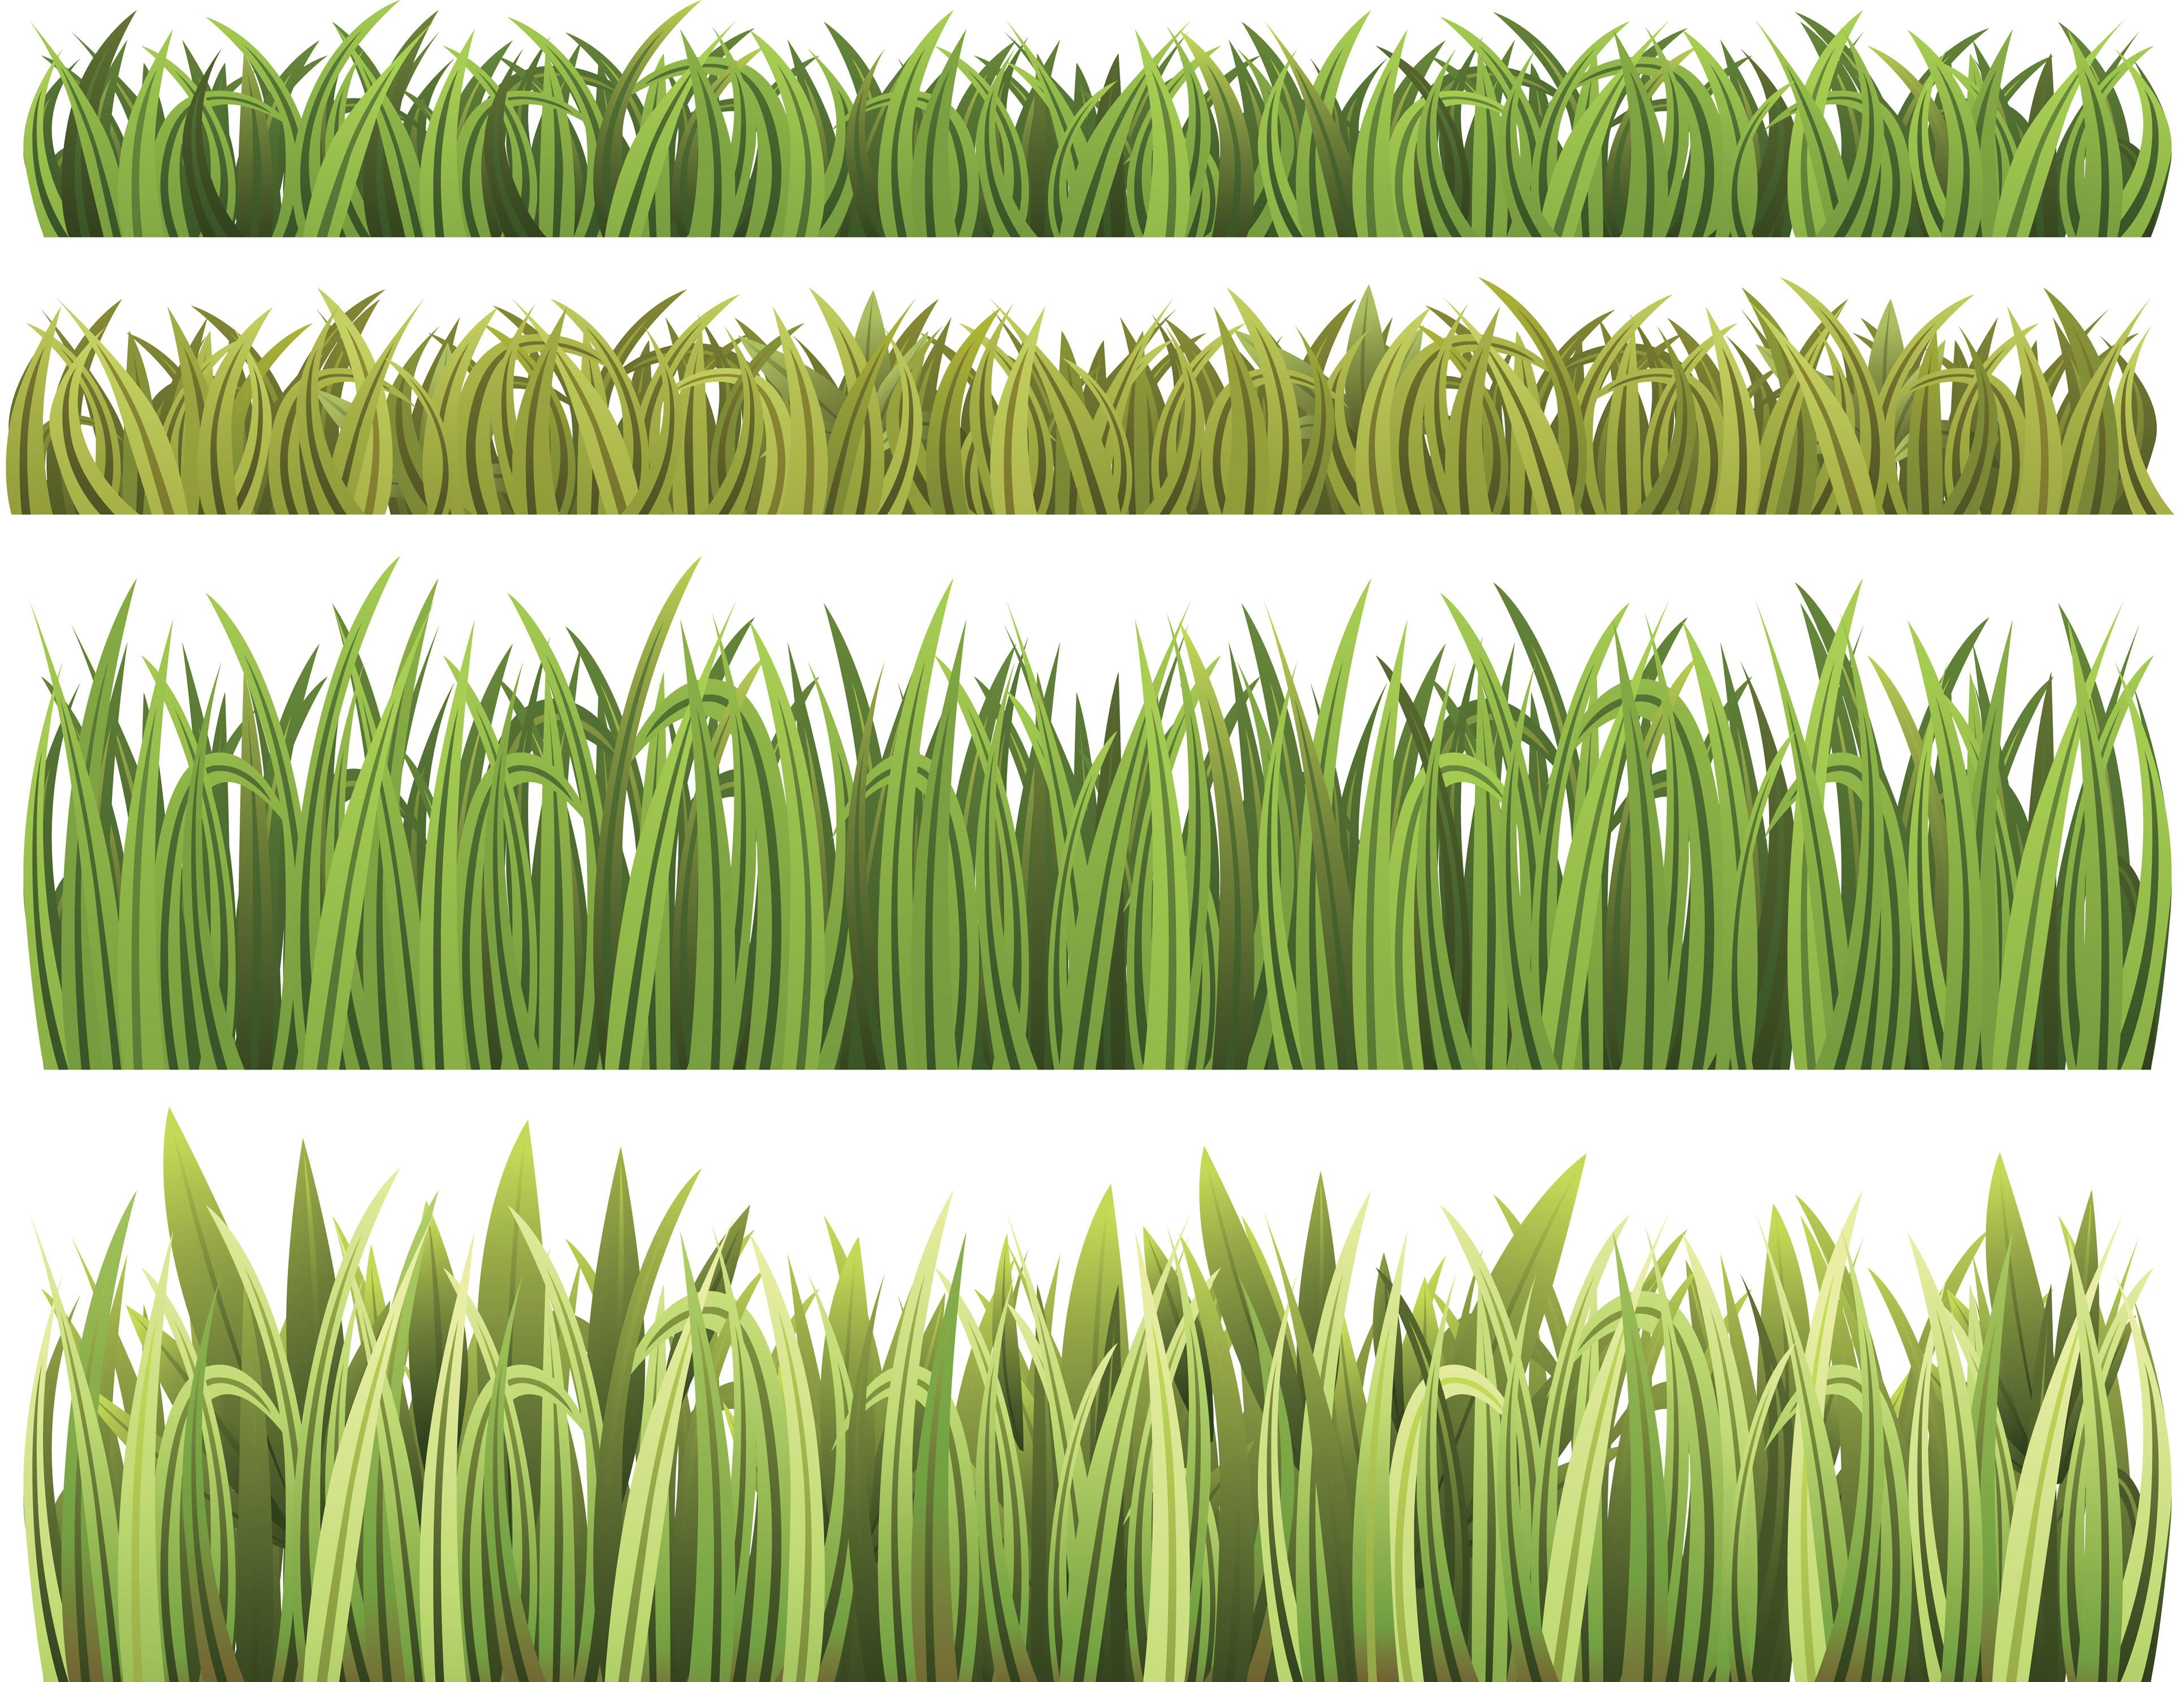 Трава, клипарт, зеленая трава, фото